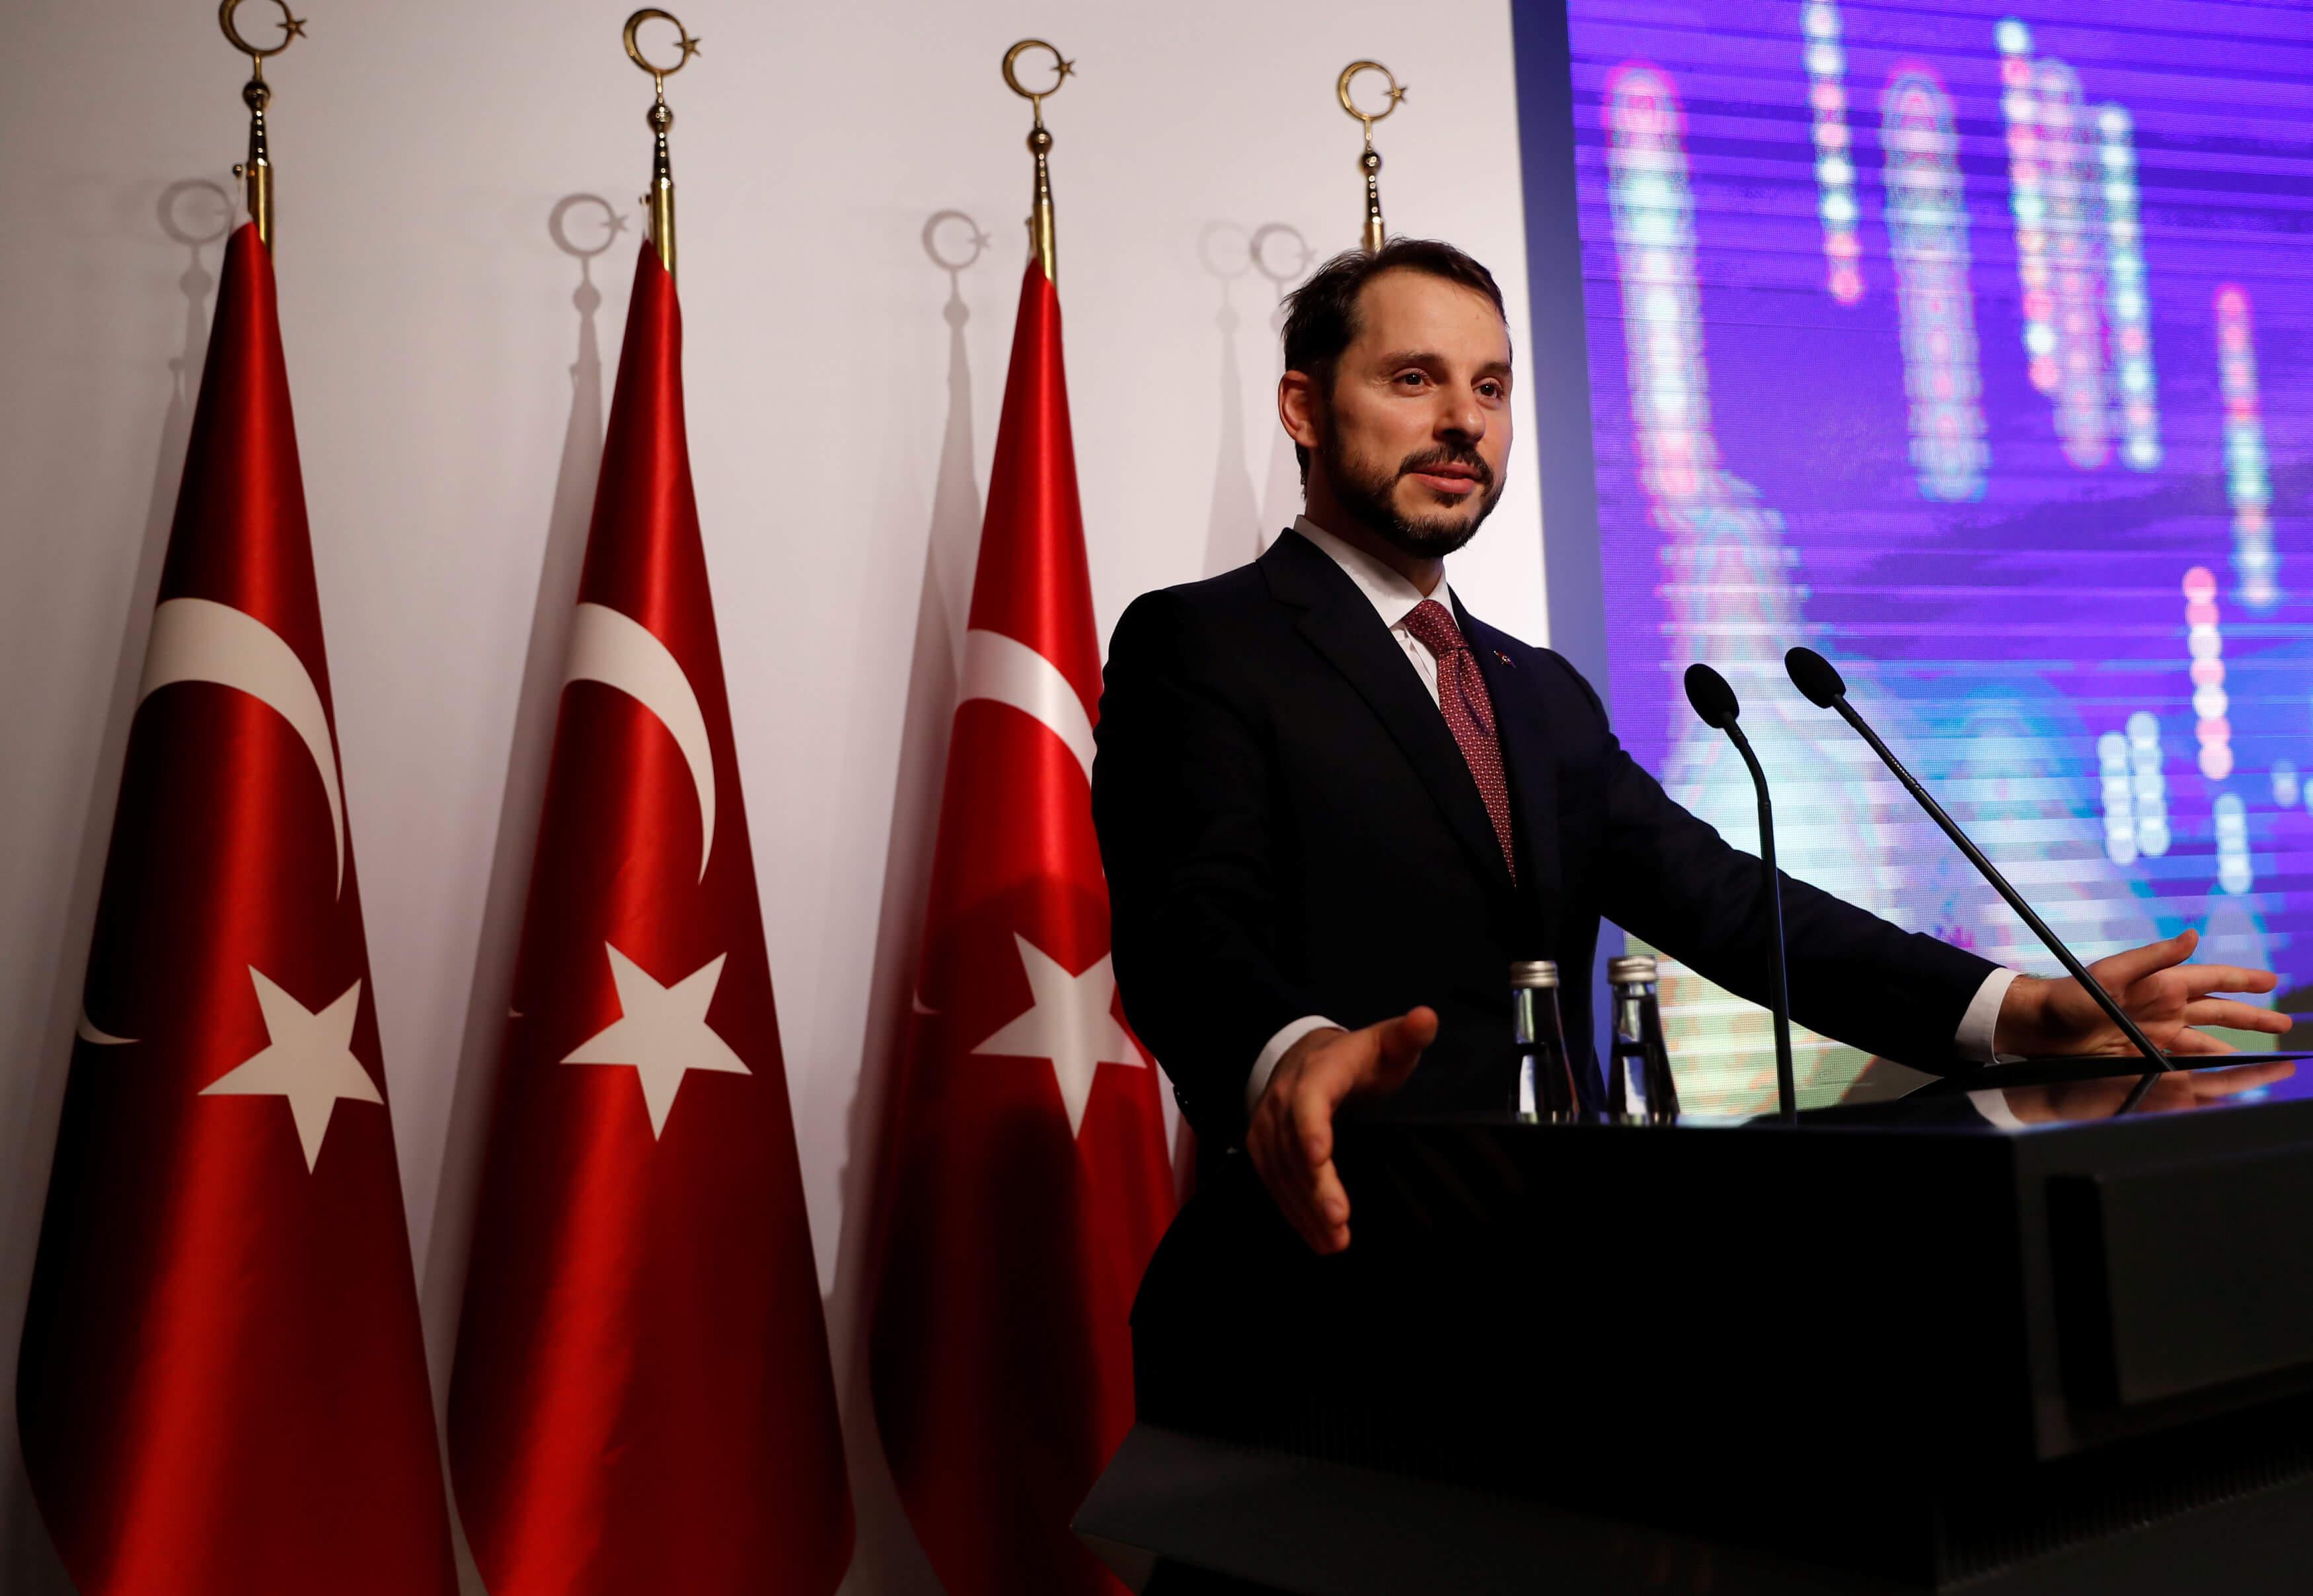 Μπεράτ Αλμπαϊράκ: Αγνοείται ο γαμπρός του Ερντογάν και οι φήμες οργιάζουν